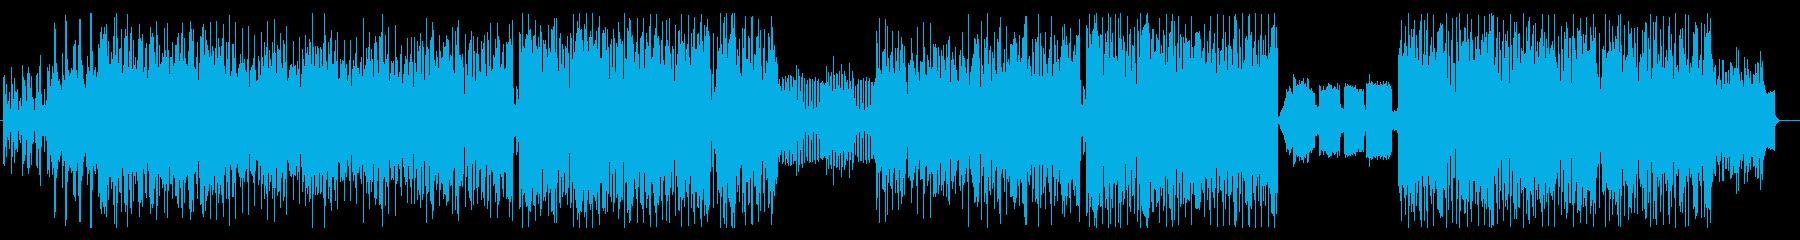 せつなポップスの再生済みの波形